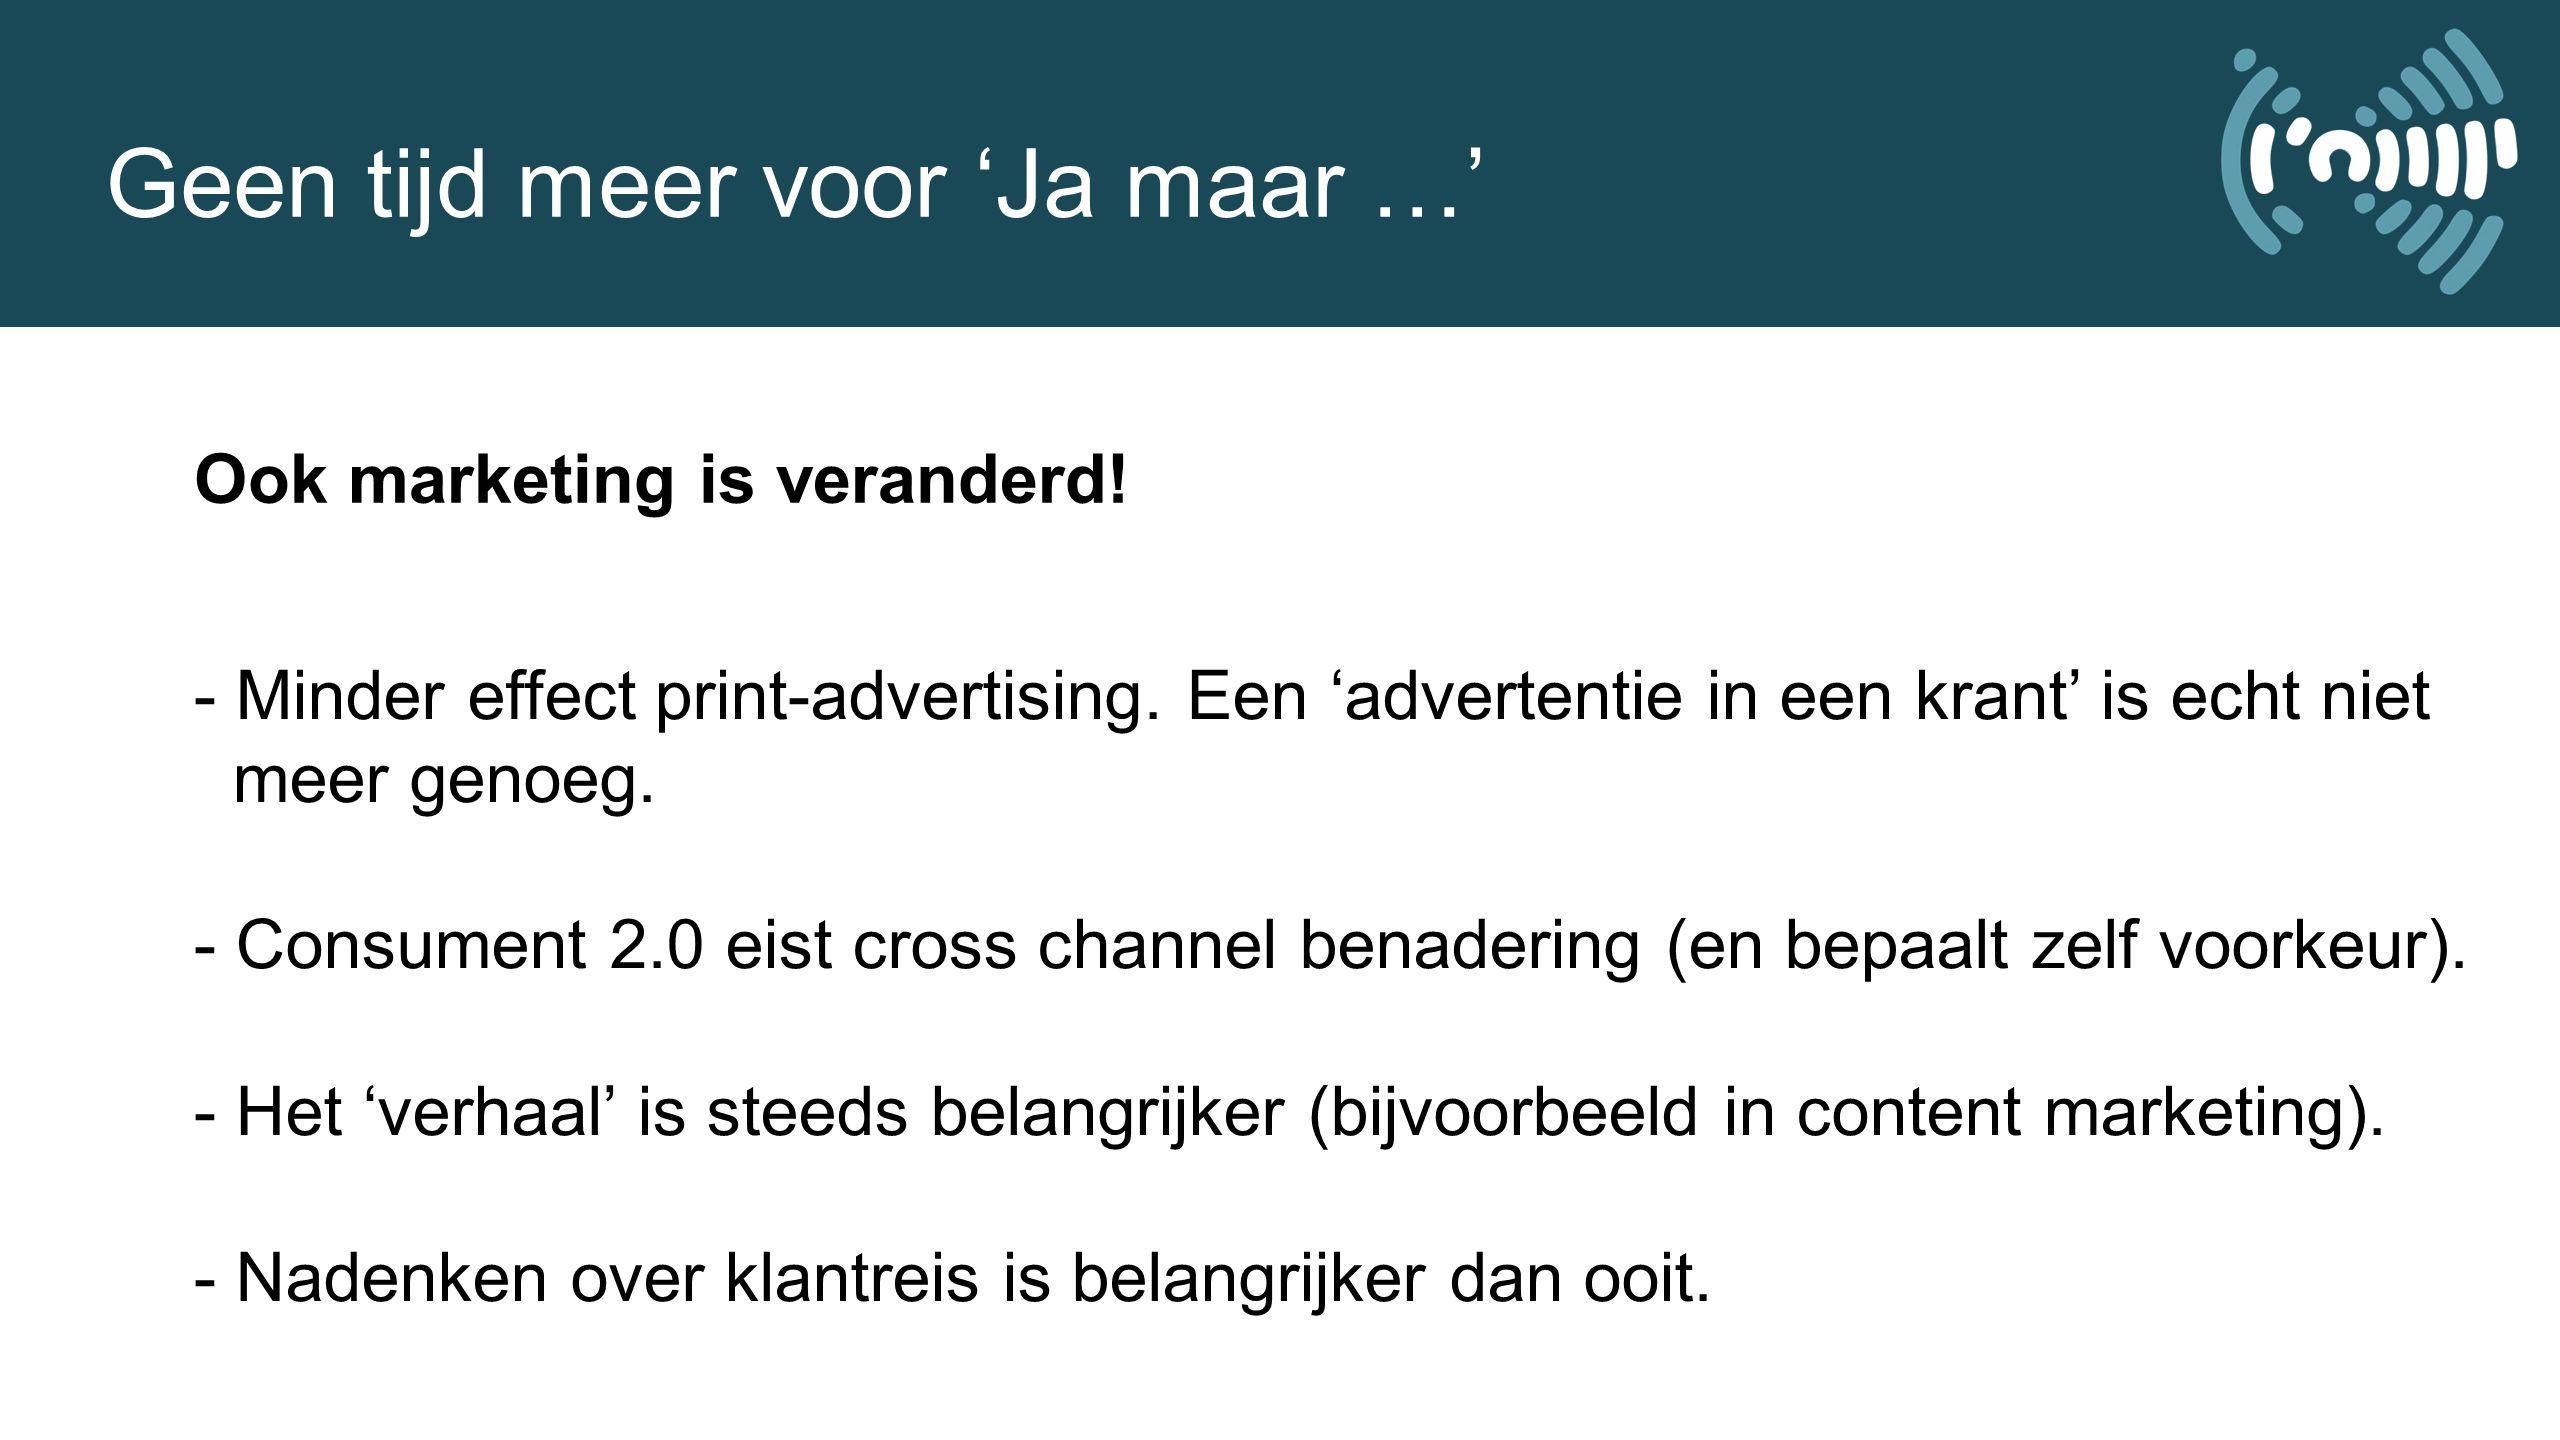 Ook marketing is veranderd.- Minder effect print-advertising.